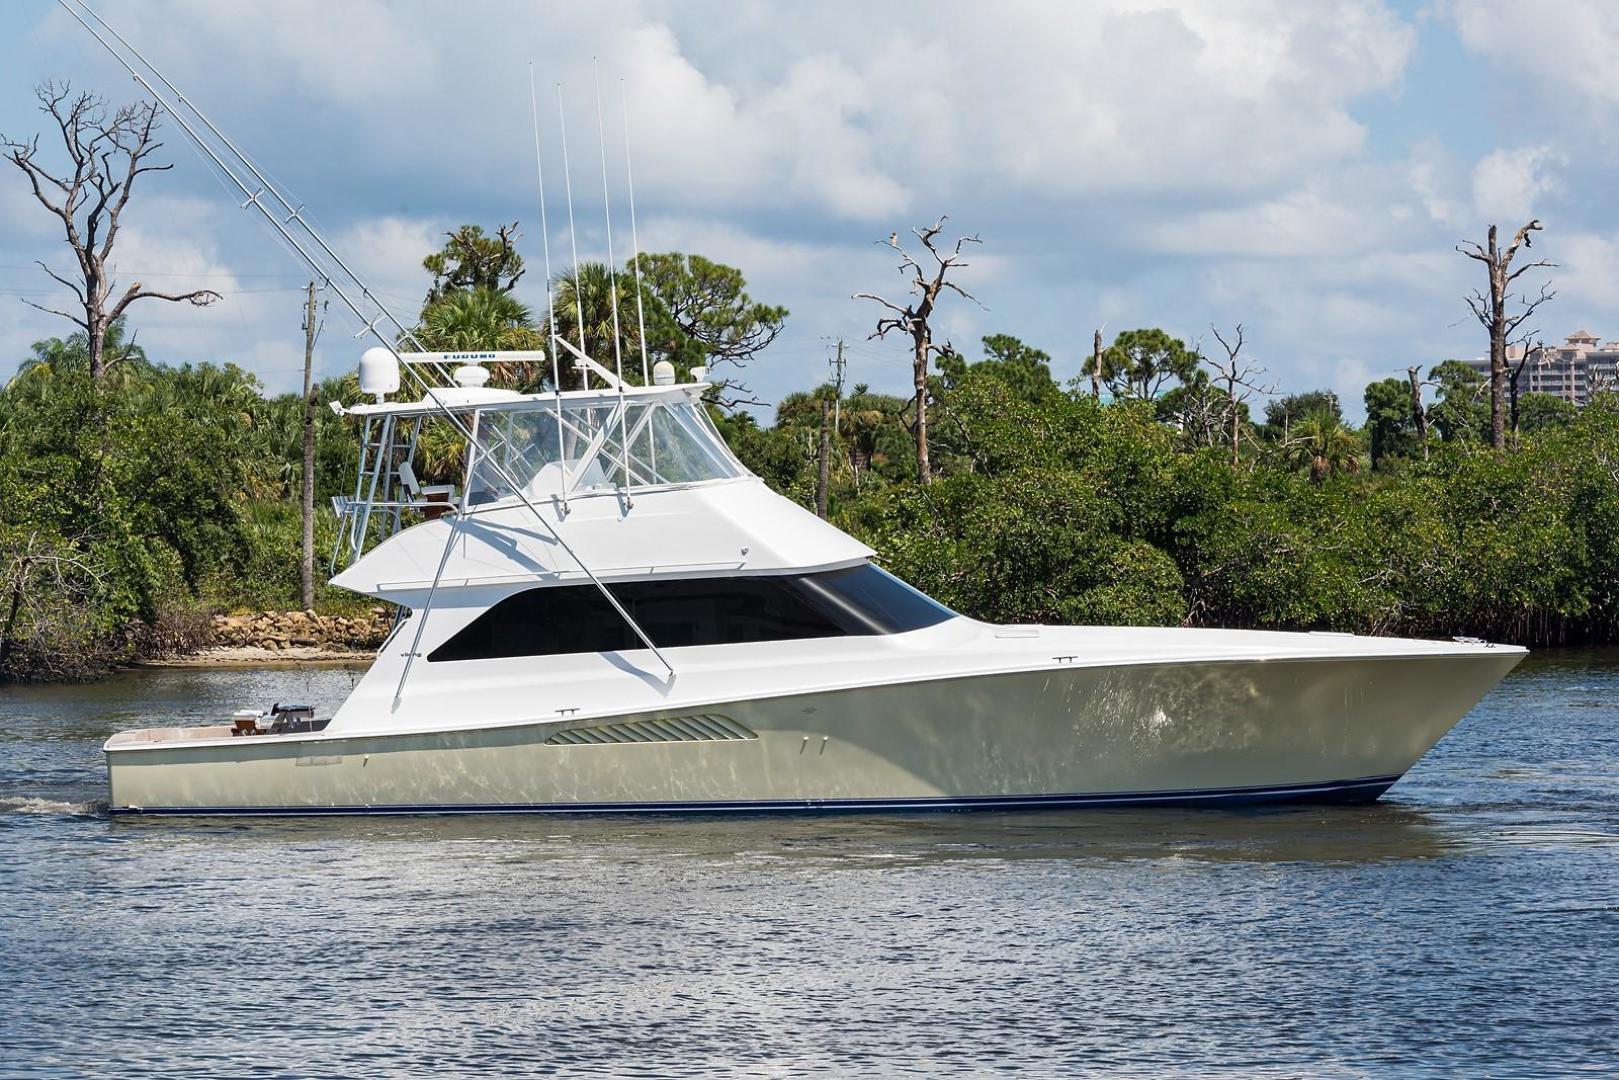 Viking-Convertible 2001-No Vacancy Palm Beach Gardens-Florida-United States-No Vacancy-1499858 | Thumbnail